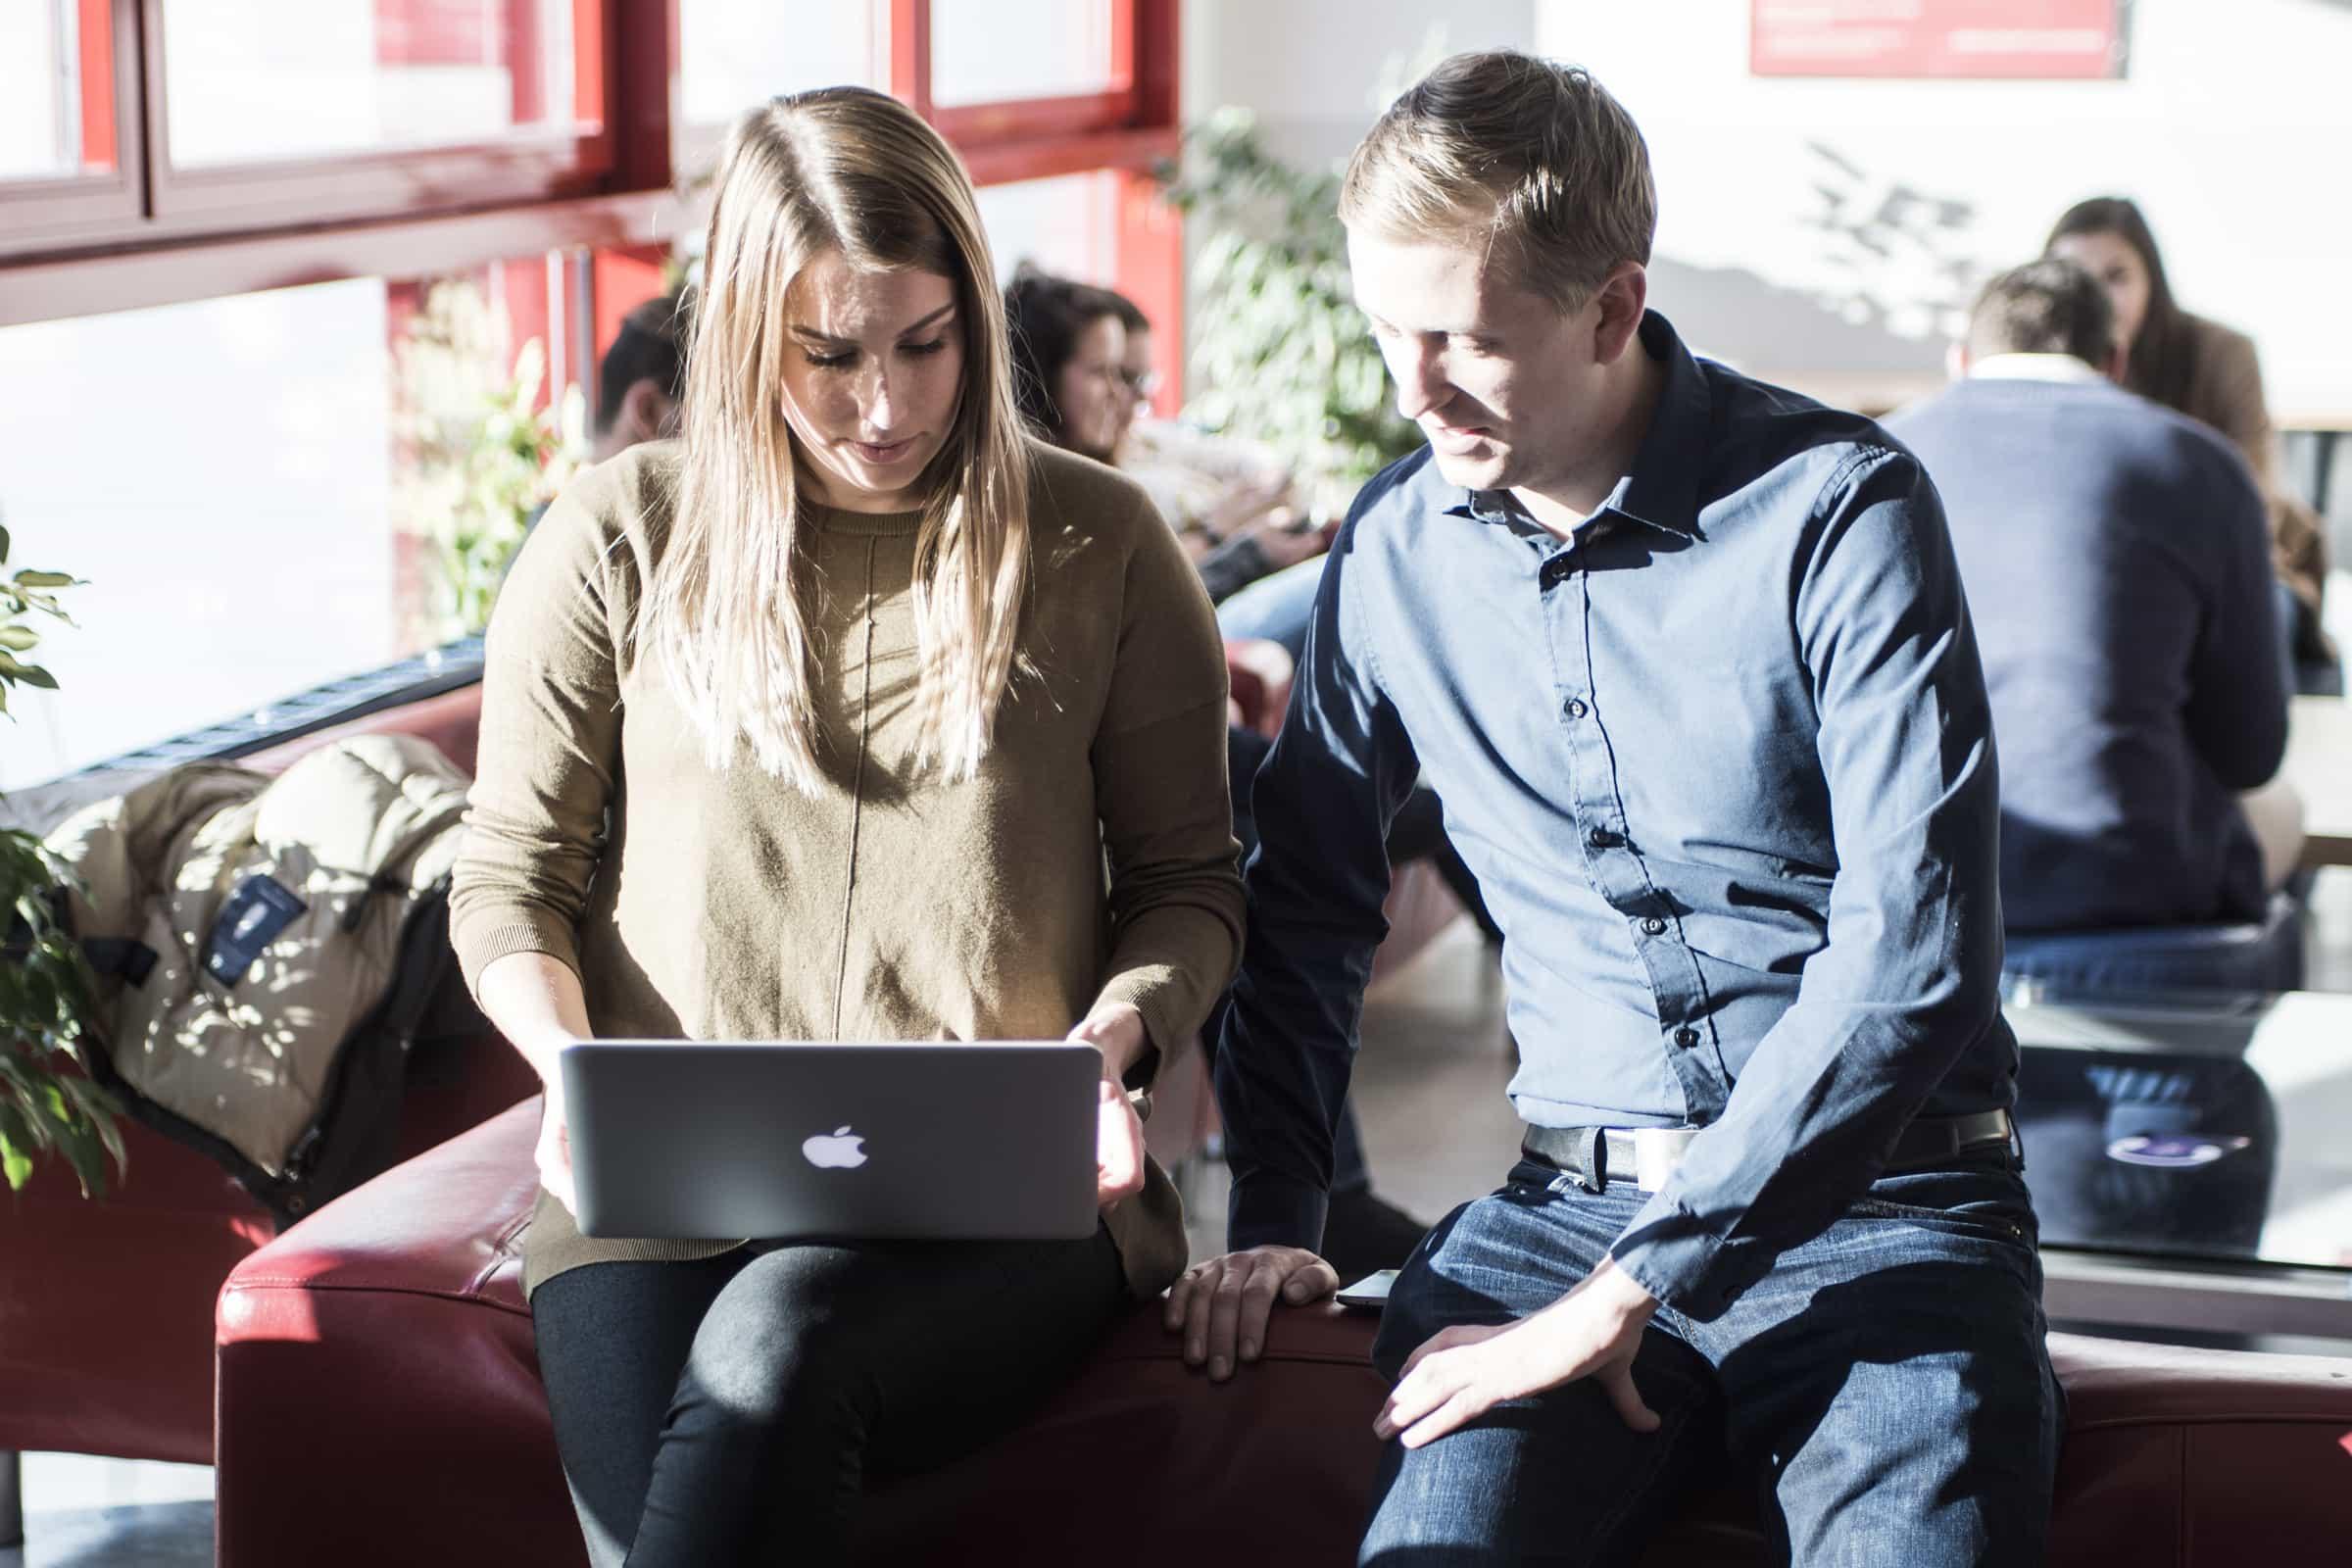 Zwei Studierende auf einer Couch mit Laptop.